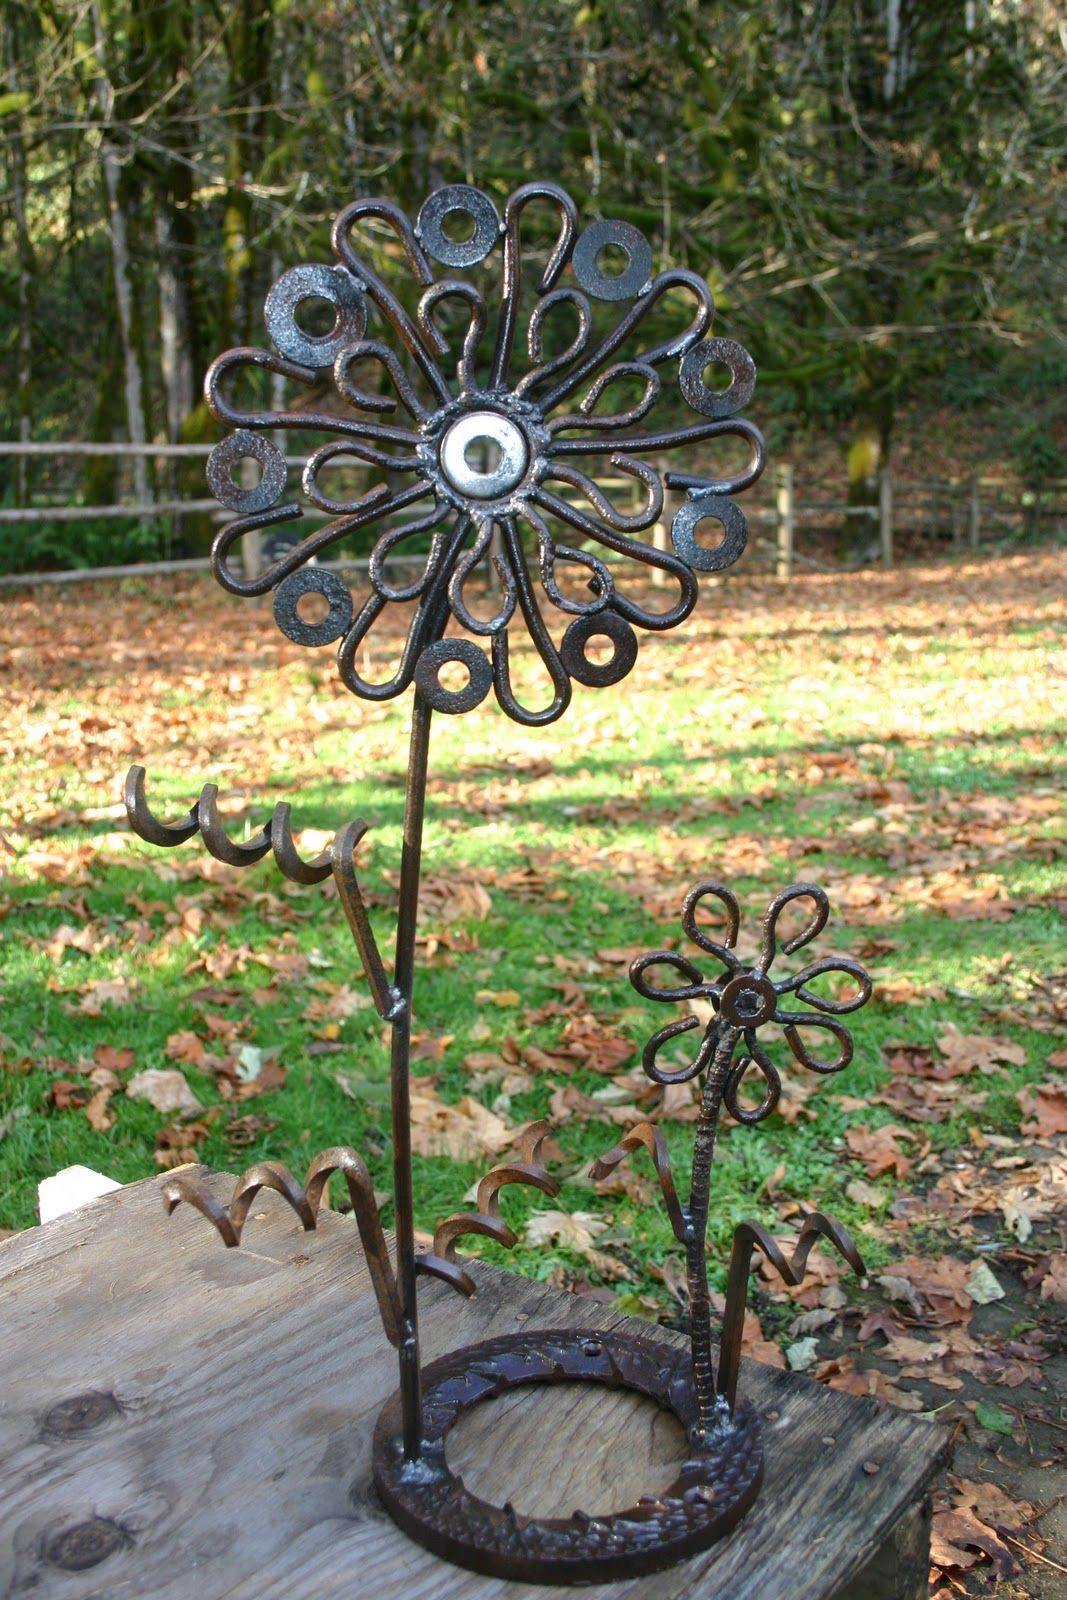 Kathi S Garden Art Rust N Stuff Welding Art Metal 400 x 300